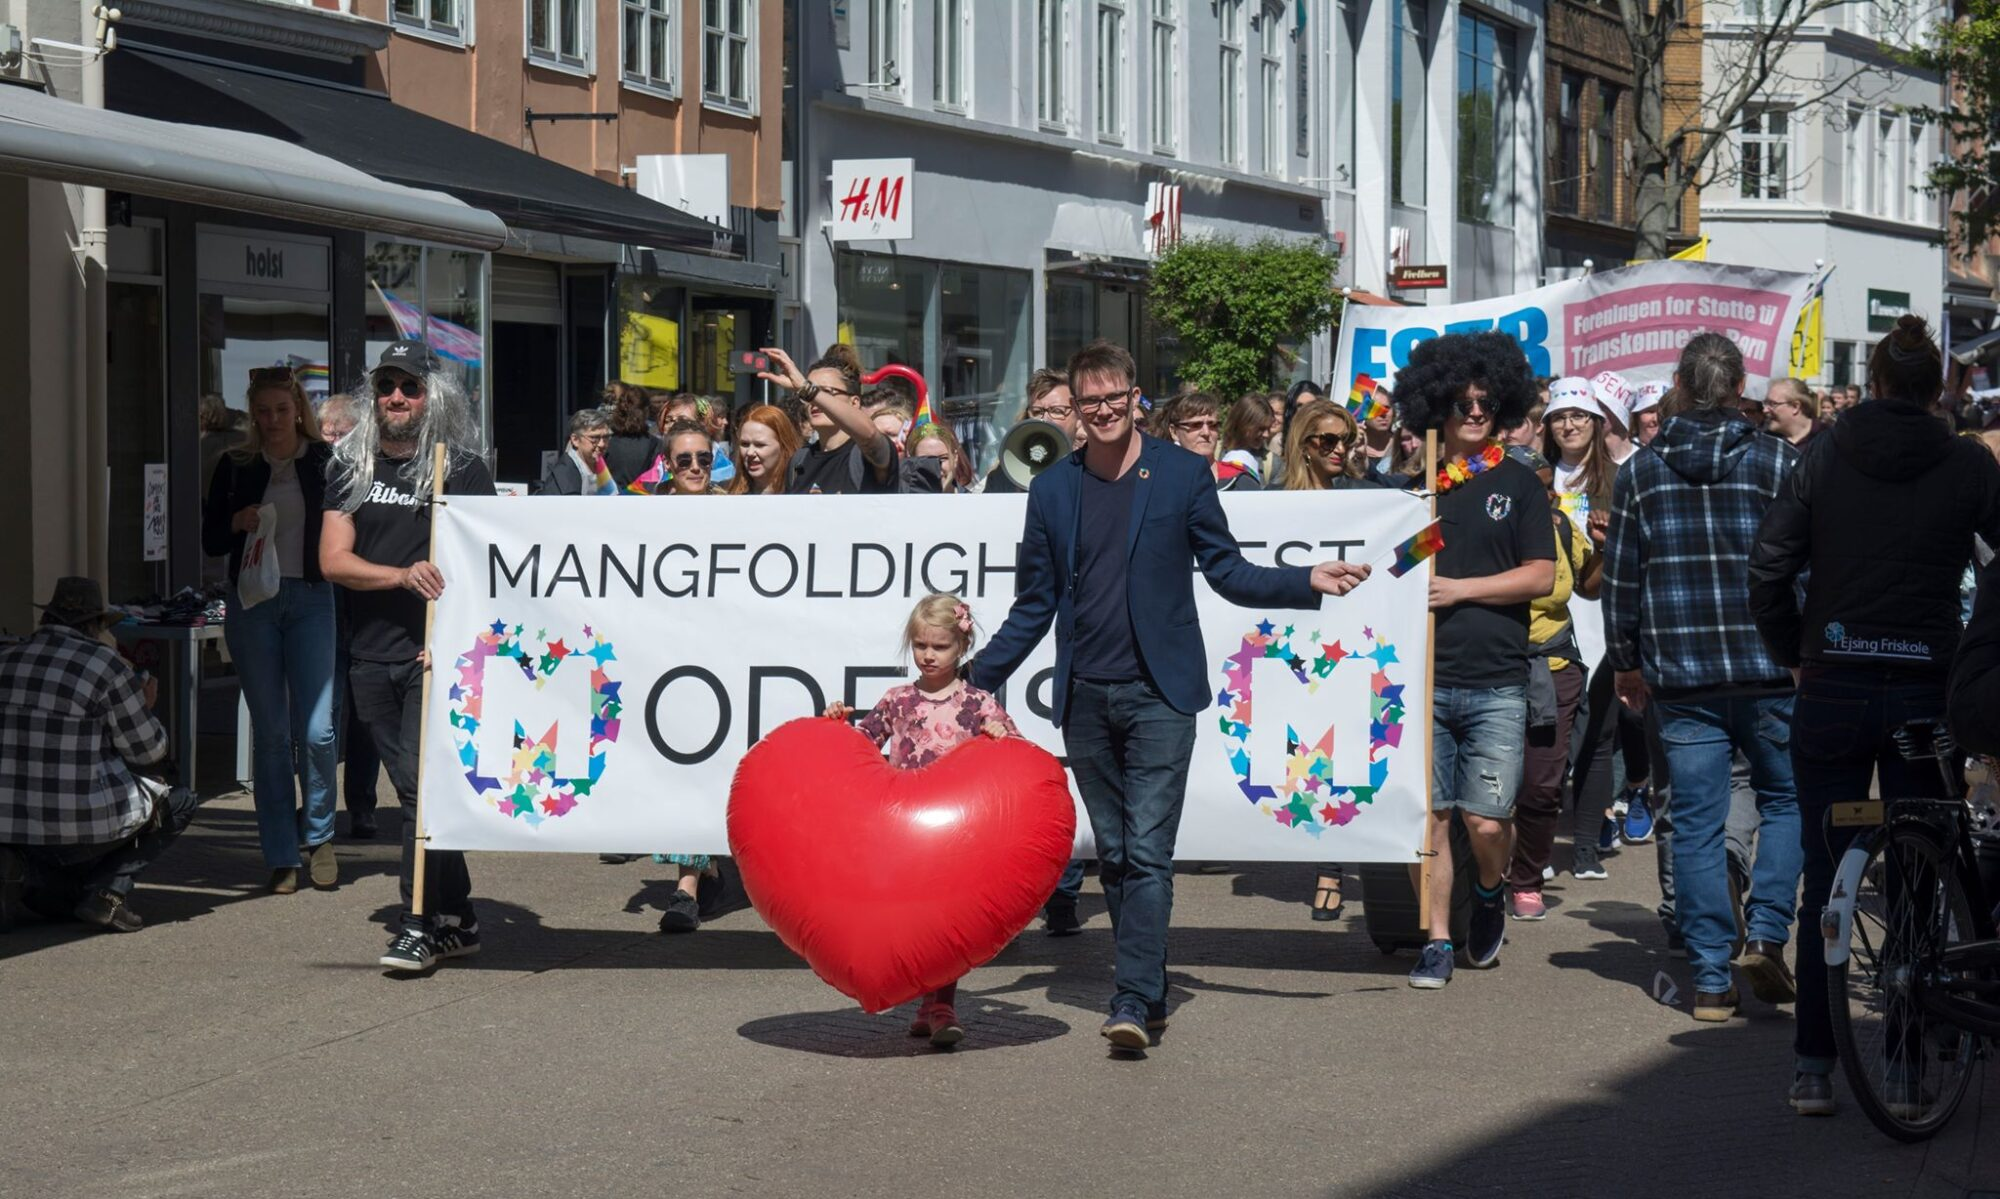 Tim Vermund Viceborgmester i Odense